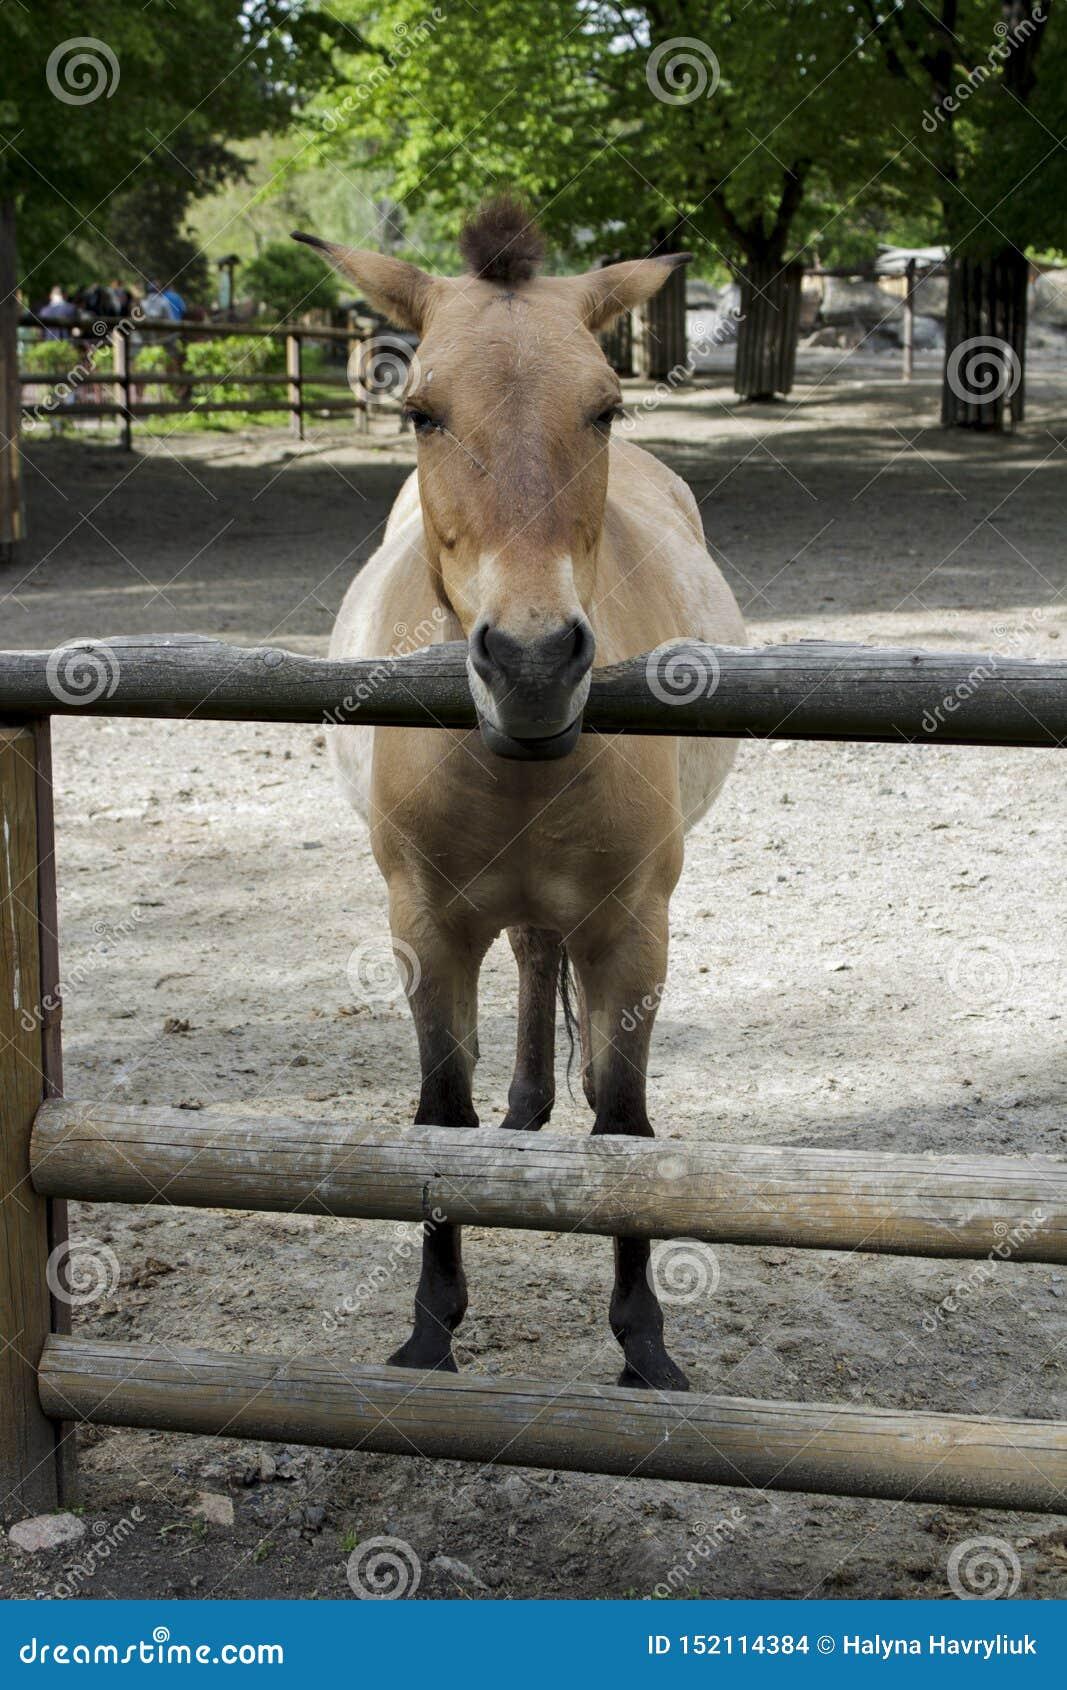 Pferd, Zoo, wild, przewalski, Tier, Equus, mongolisch, Natur, Pferde, schön, gefährdet, asiatisch, przewalskii, selten, ferus, Br